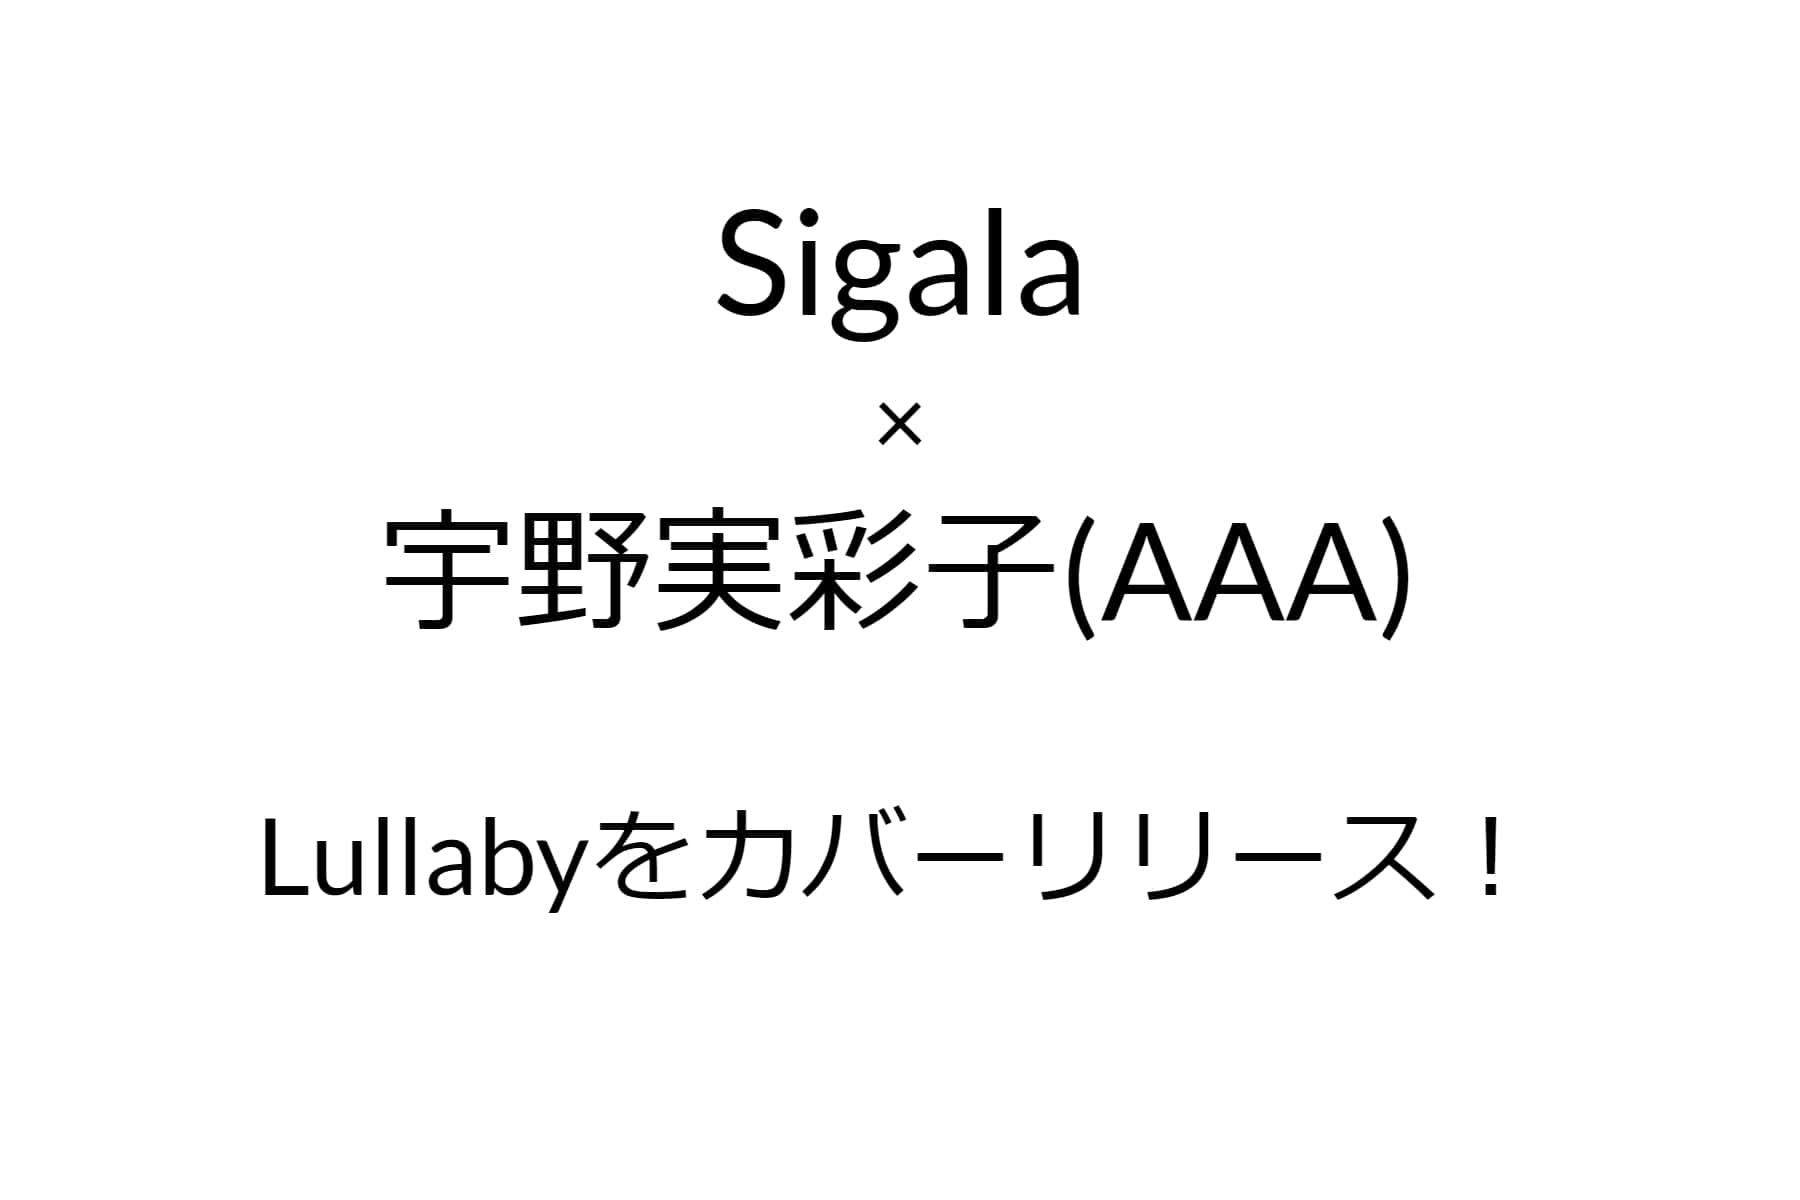 音源あり!シガーラ×宇野美彩子(AAA)のカバーシングル「Lullaby」が10/3リリース!!